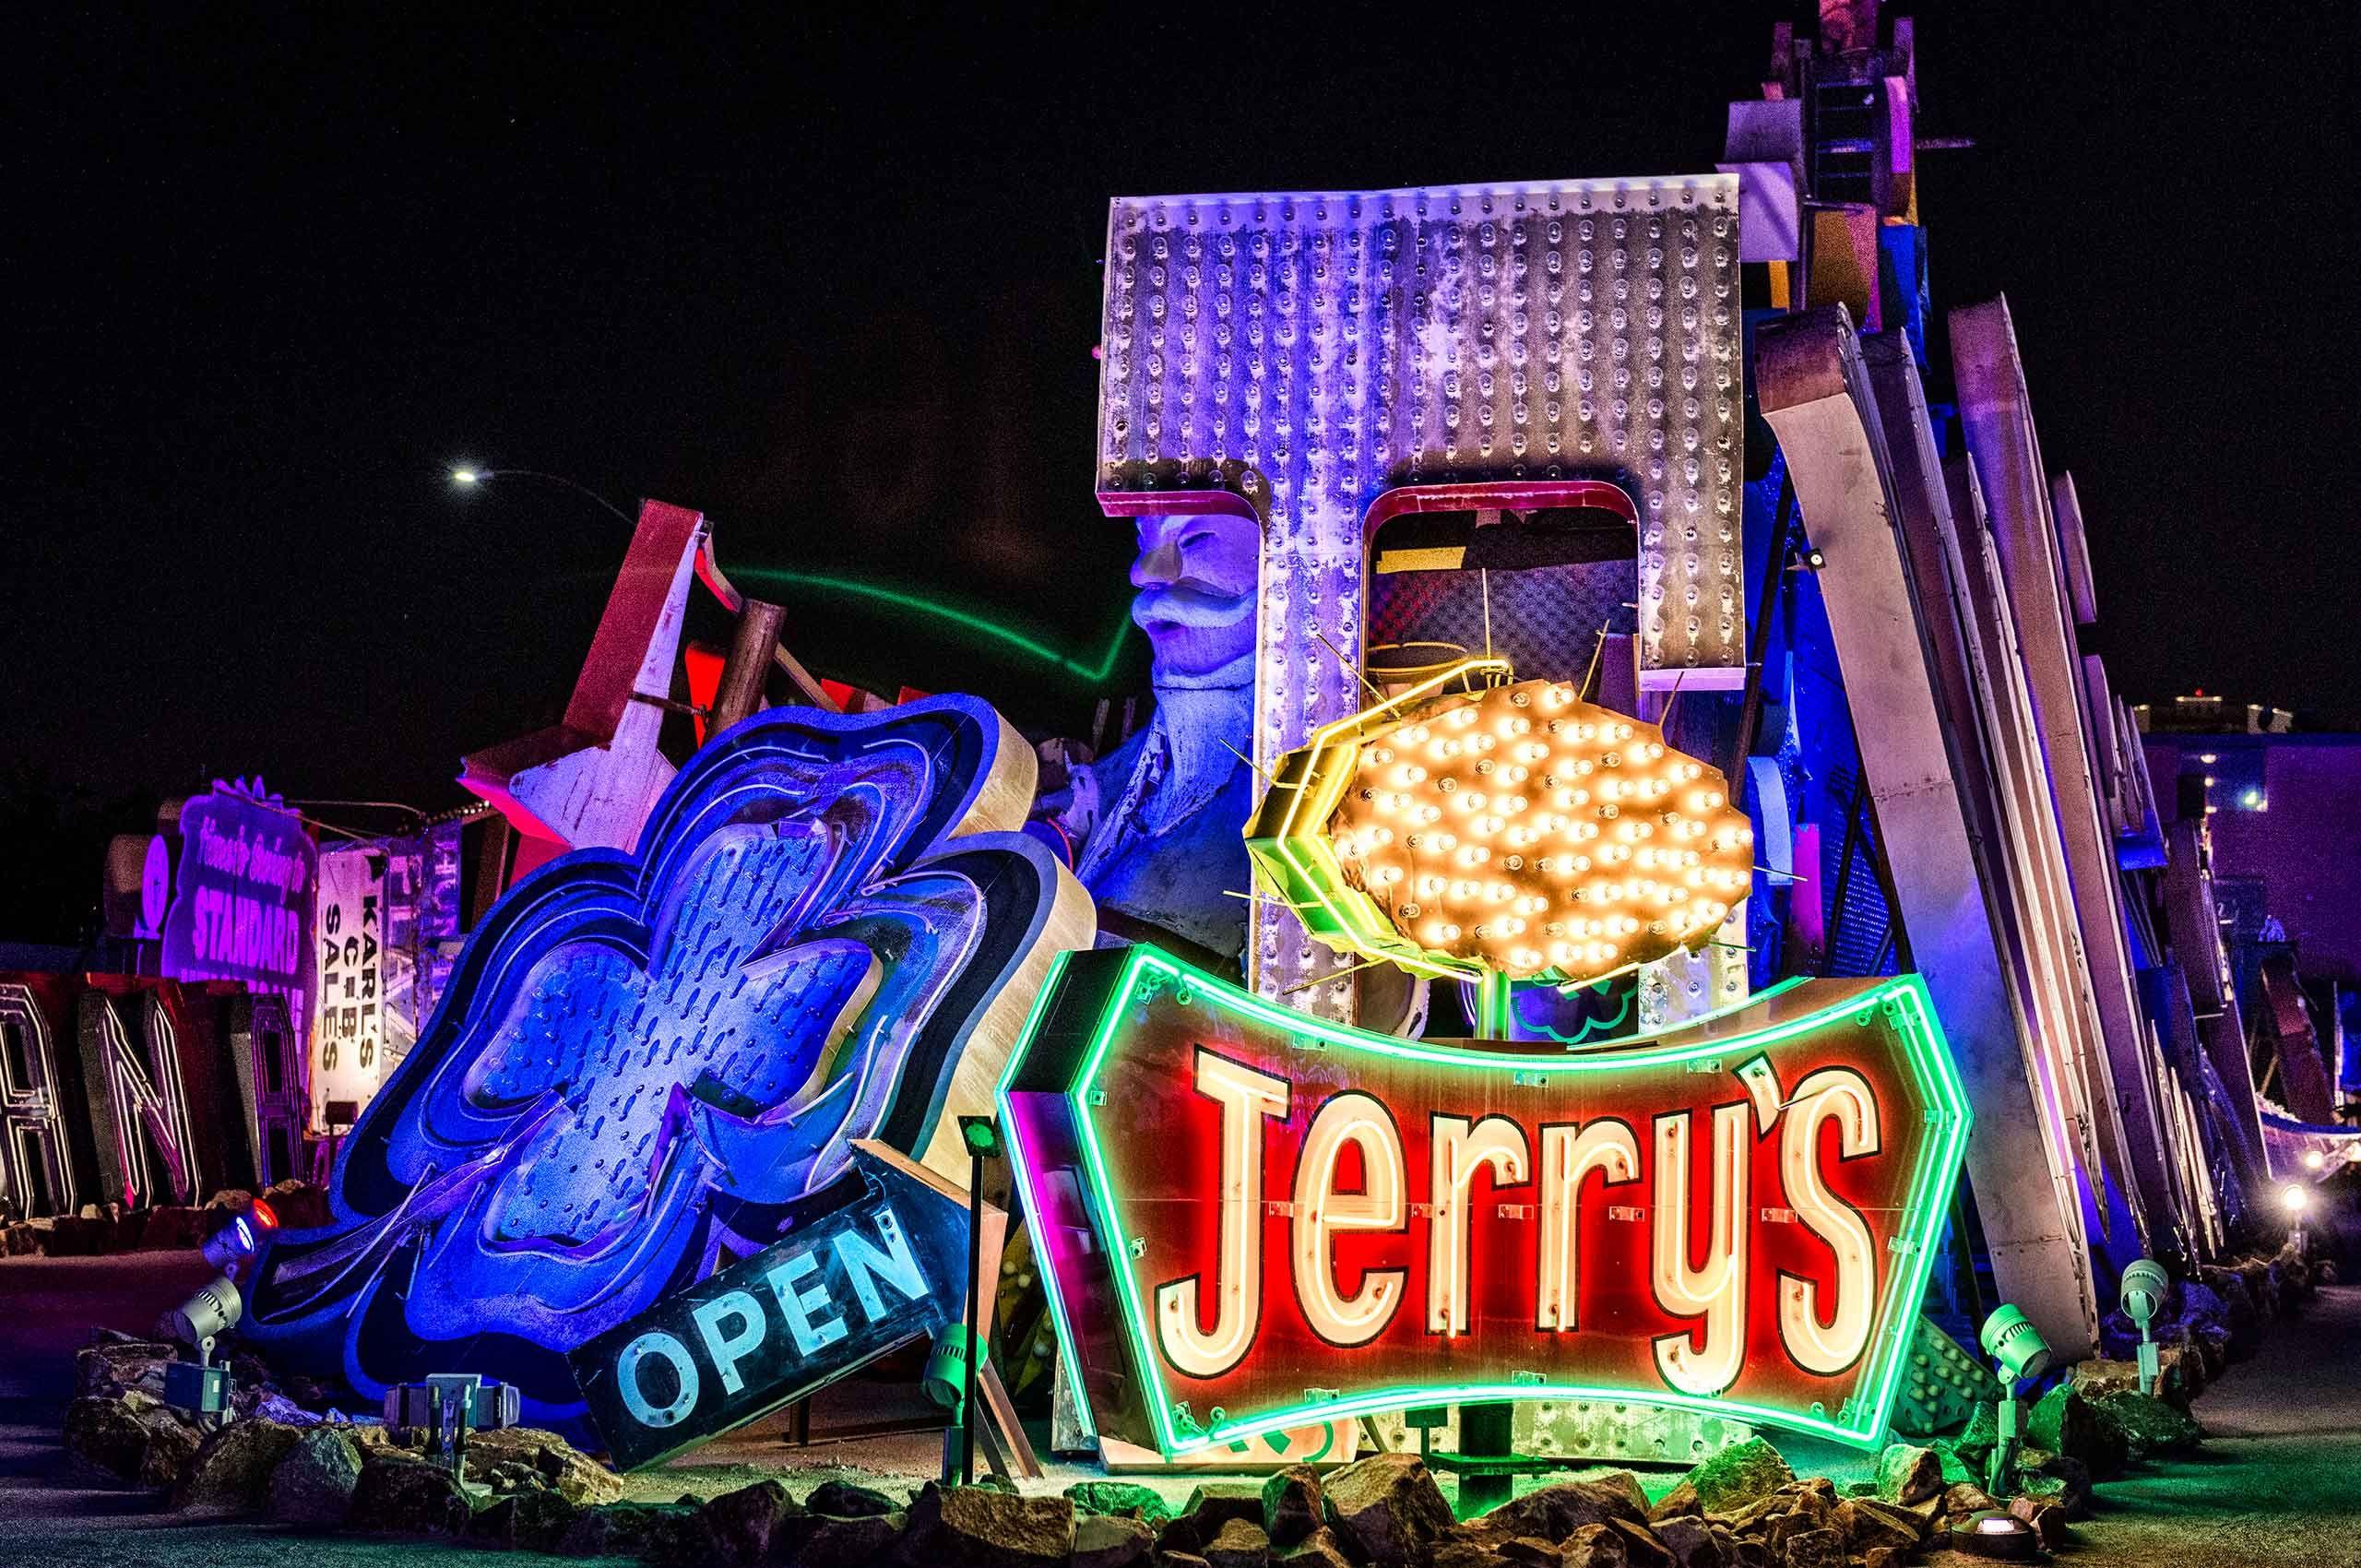 Jerrys-neonmuseum-lasvegas-by-henrikolundphotography.jpg